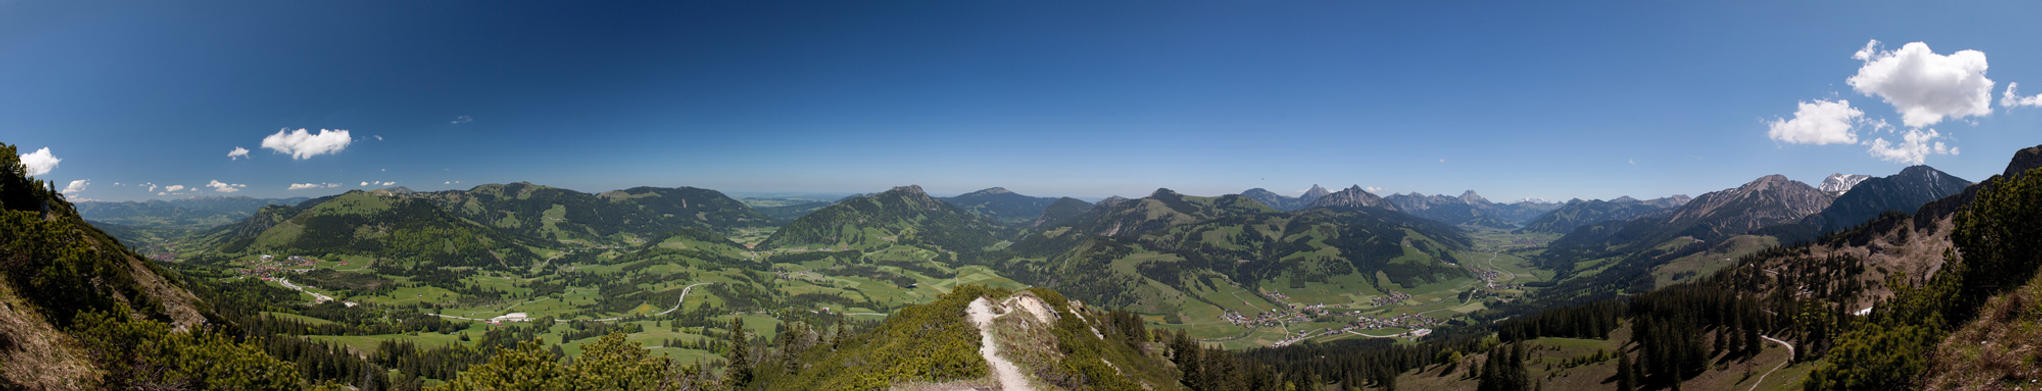 300deg FoV Alps by ochristi